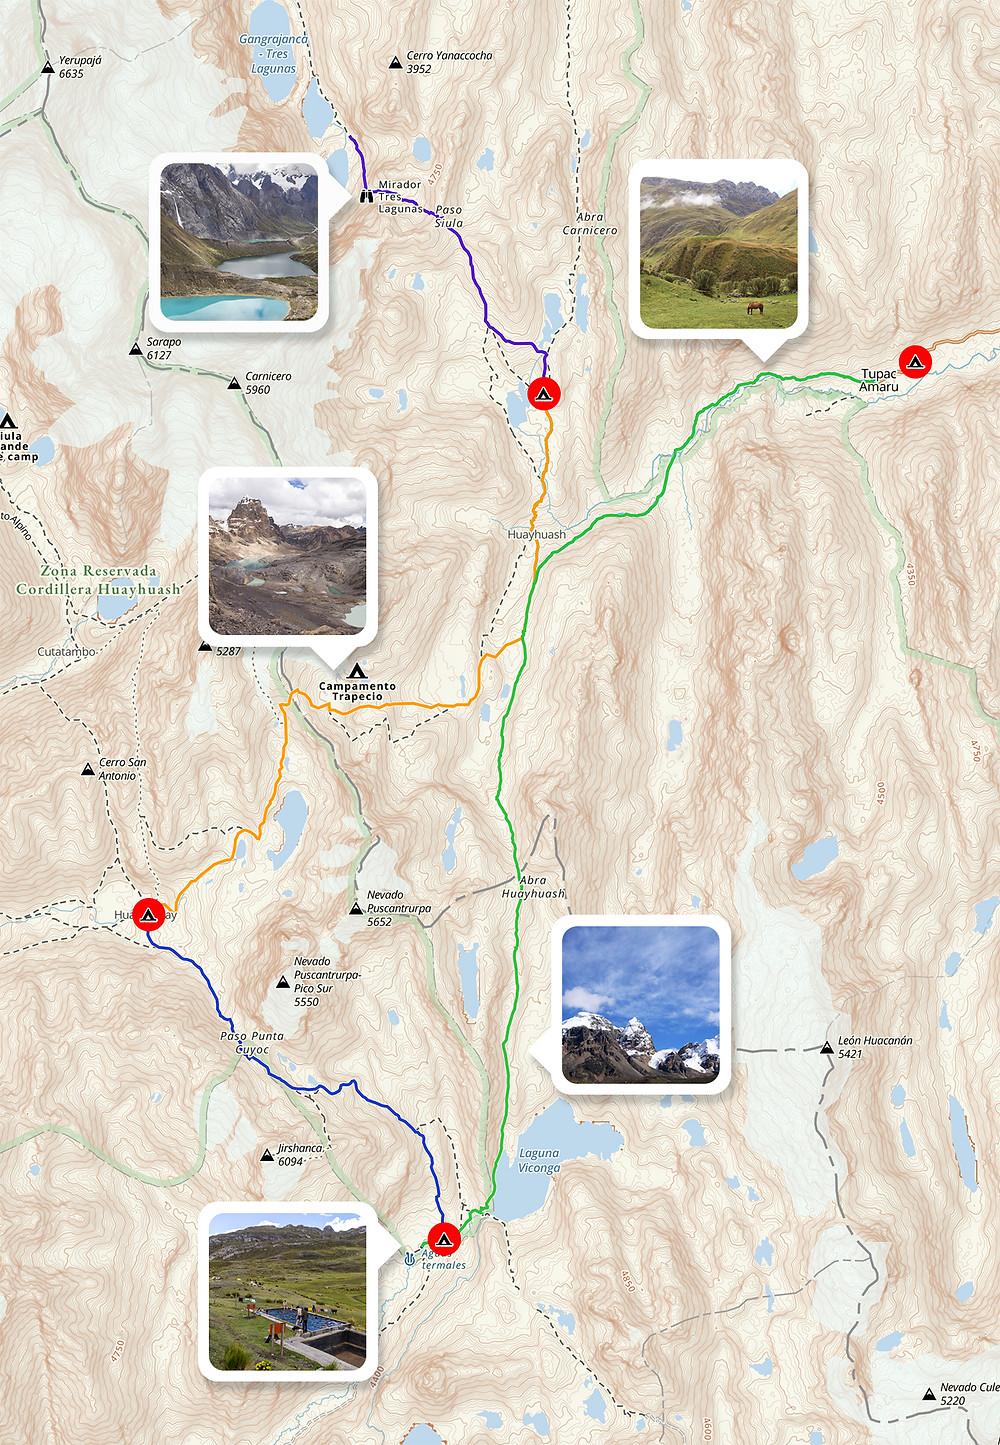 Itinéraire trek Huayhuash en autonomie 5 jours